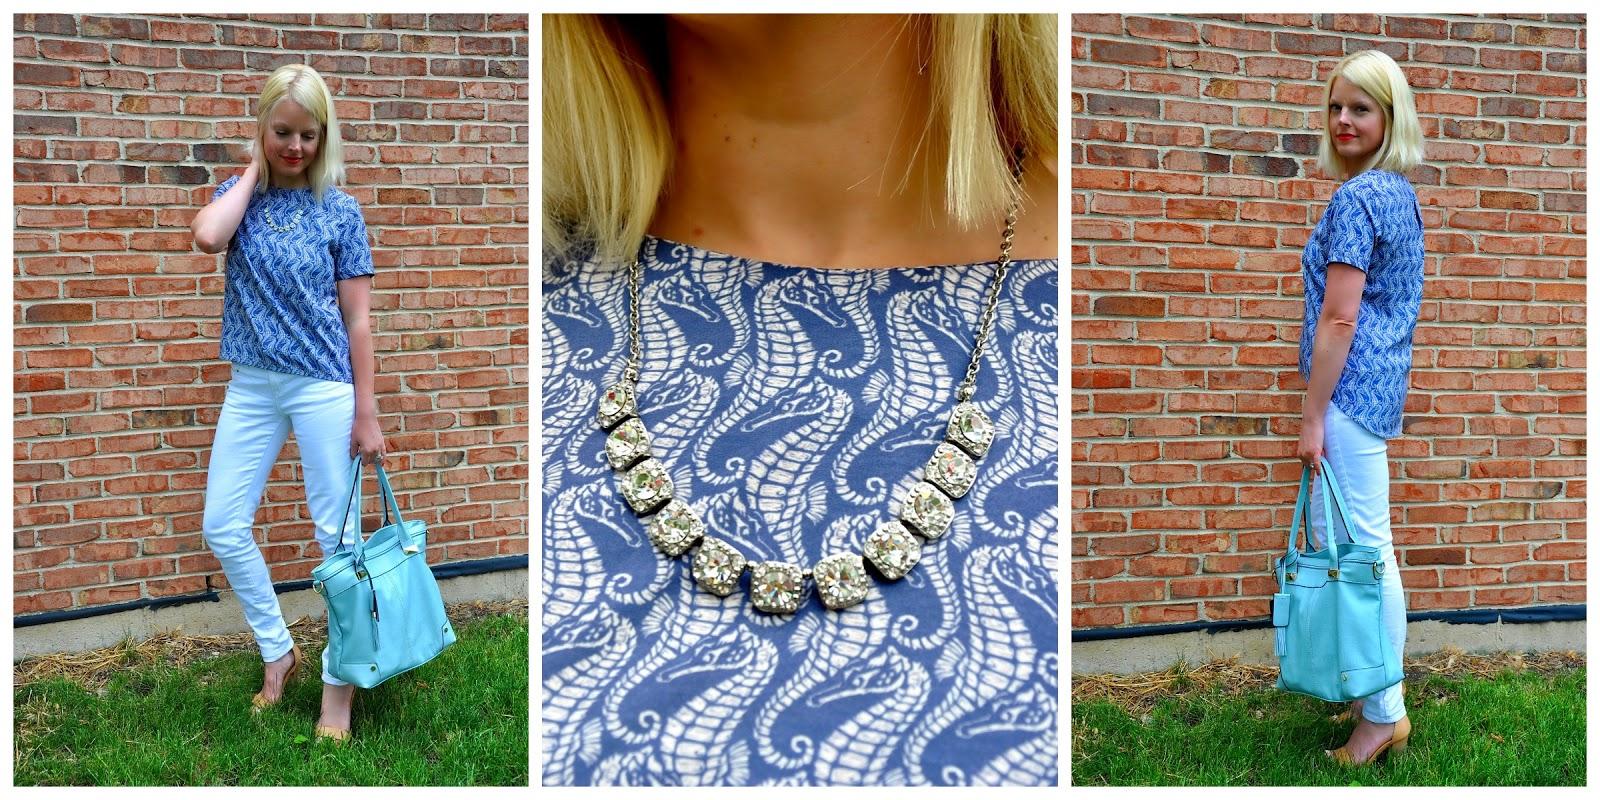 seahorse+collage.jpg.jpg